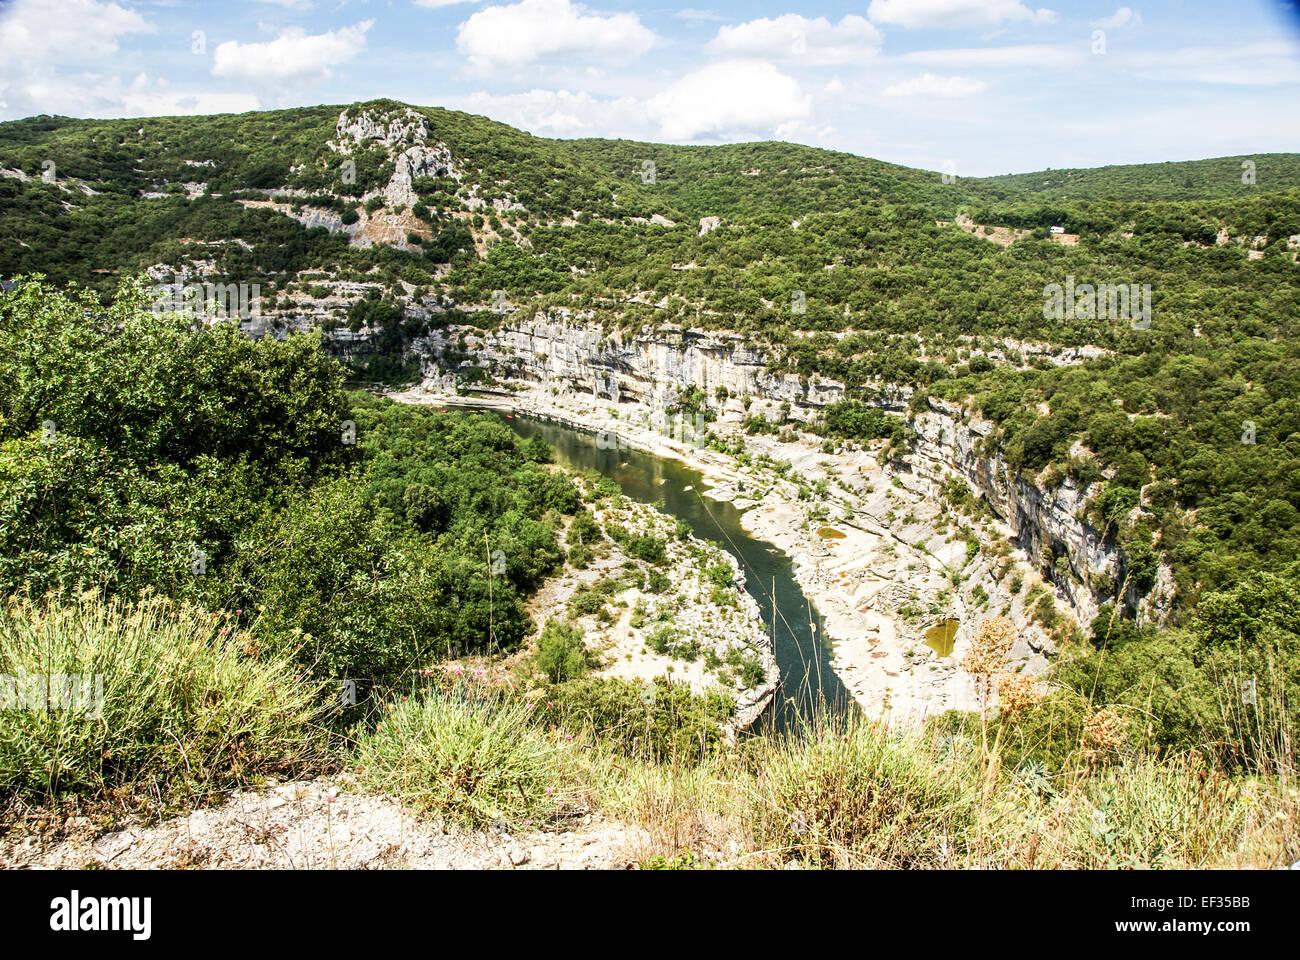 Gorges de l'Ardèche The Ardeche River gorge, Provence, France - Stock Image